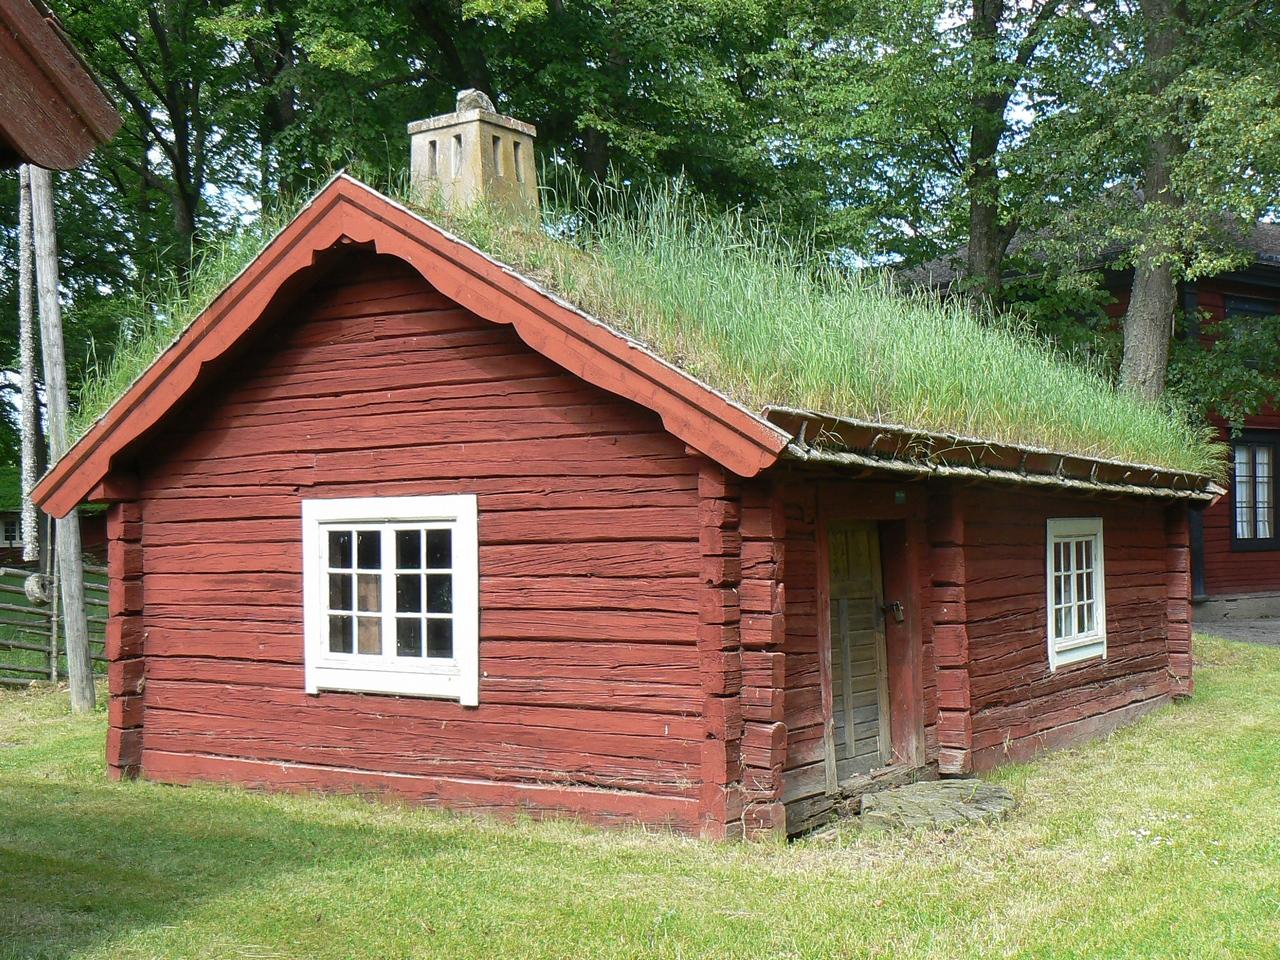 20 casas construidas con materiales inusuales - Articulos de casa ...